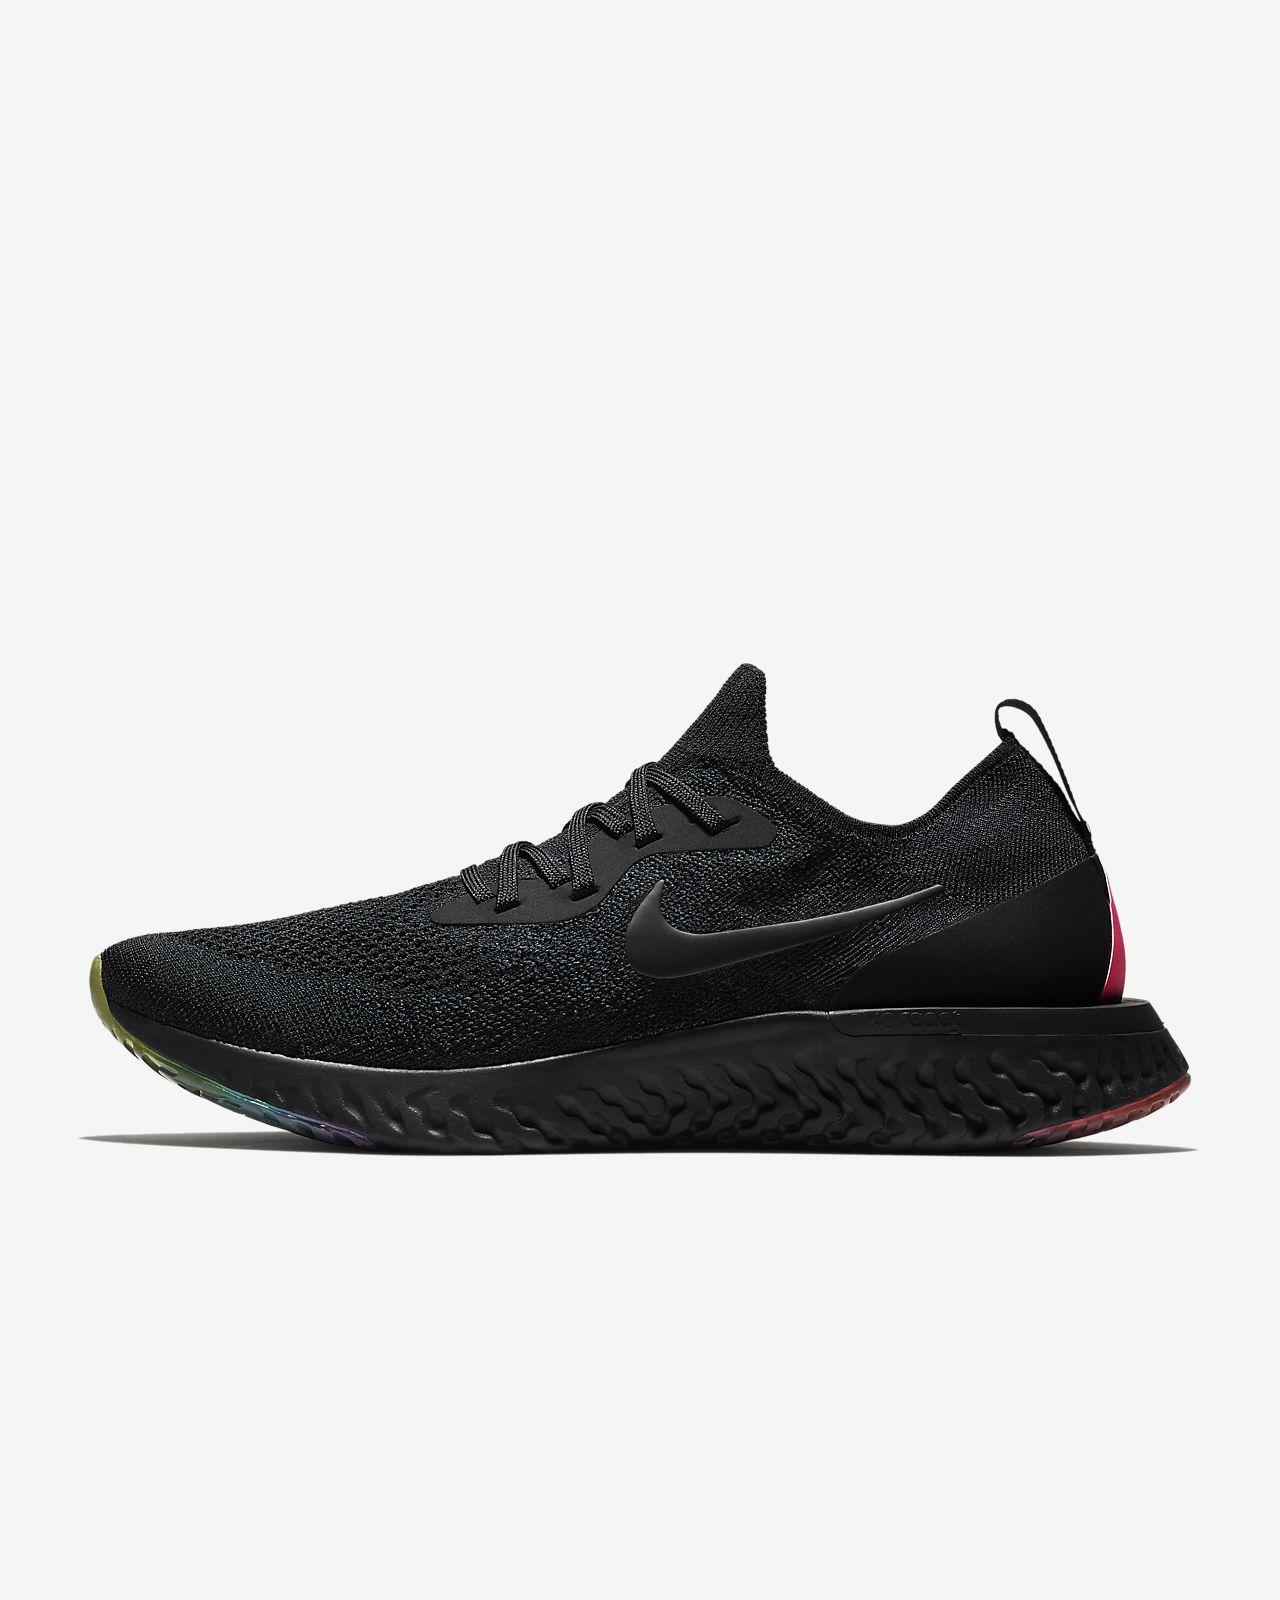 3fc67caa812d Nike Epic React Flyknit BETRUE Men s Running Shoe. Nike.com